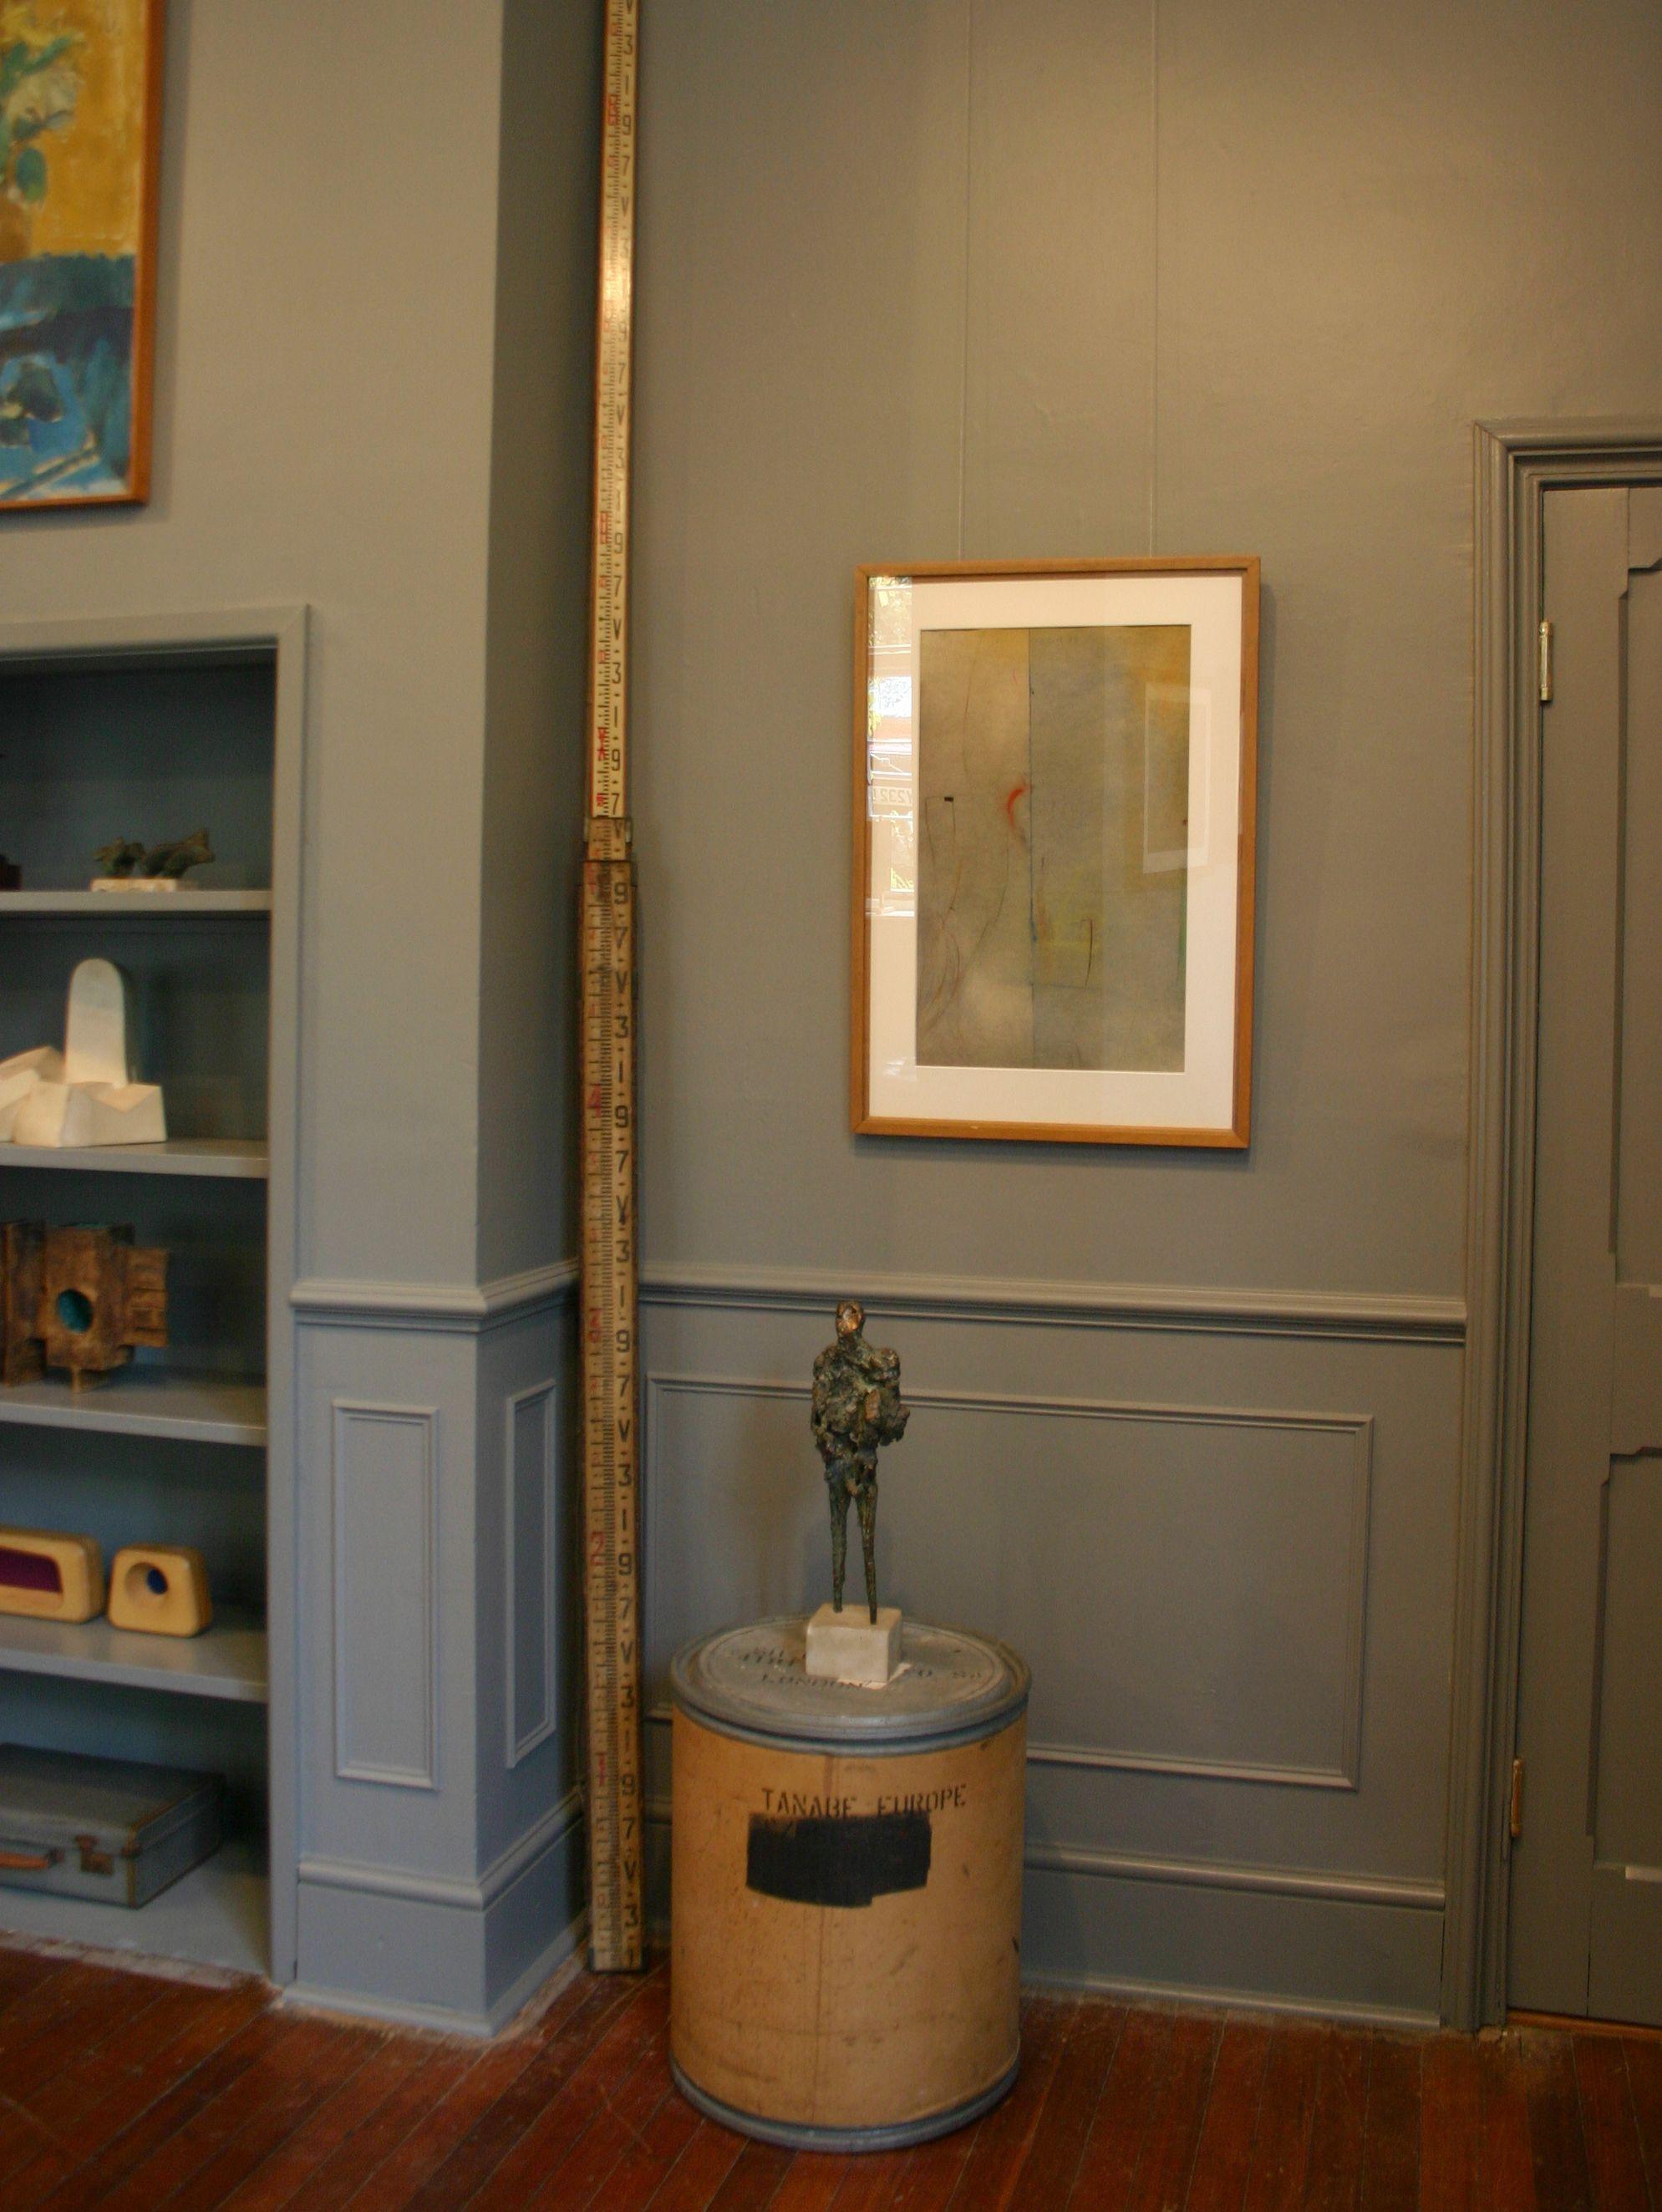 Andelli art gallery in wells somerset with ernst eisenmayer bronze